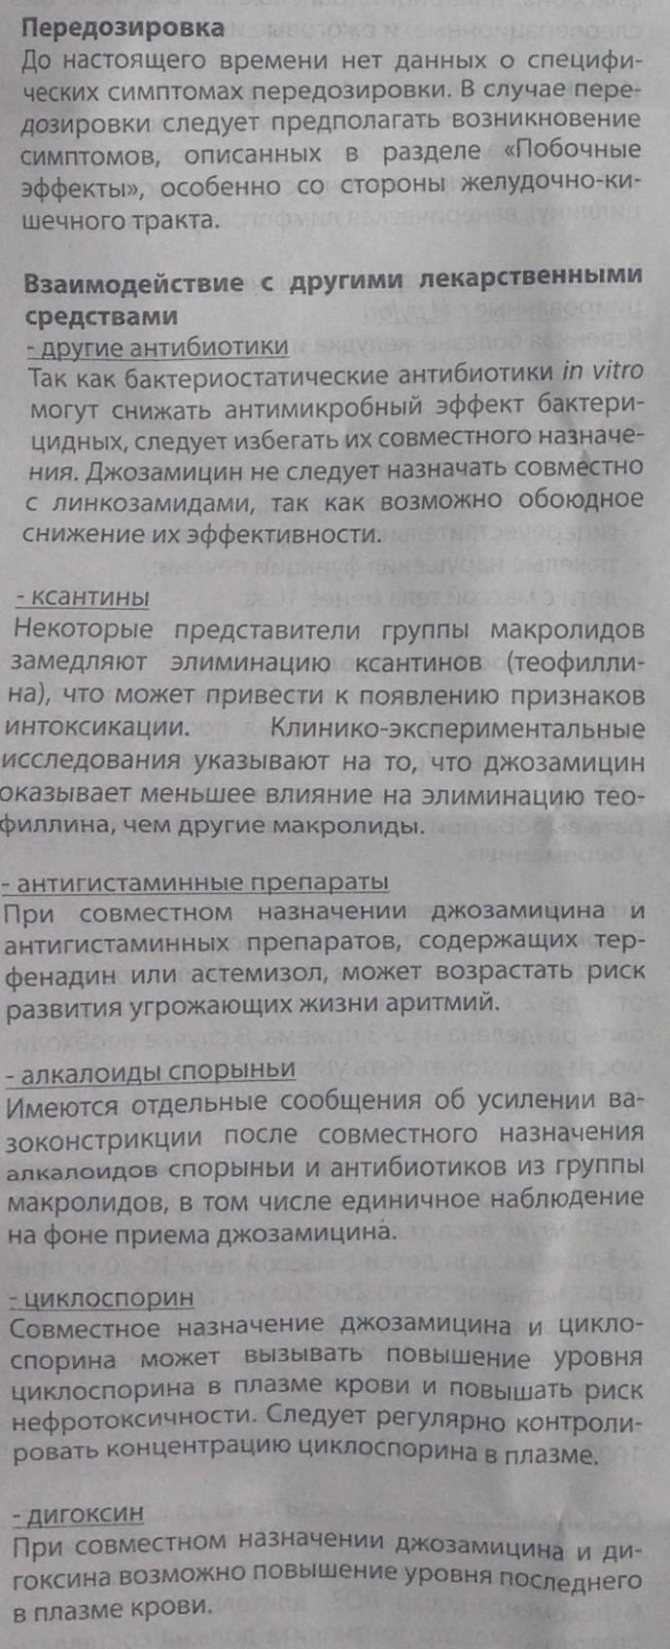 Вильпрафен при беременности: инструкция по применению в 1, 2, 3 триместрах | konstruktor-diety.ru